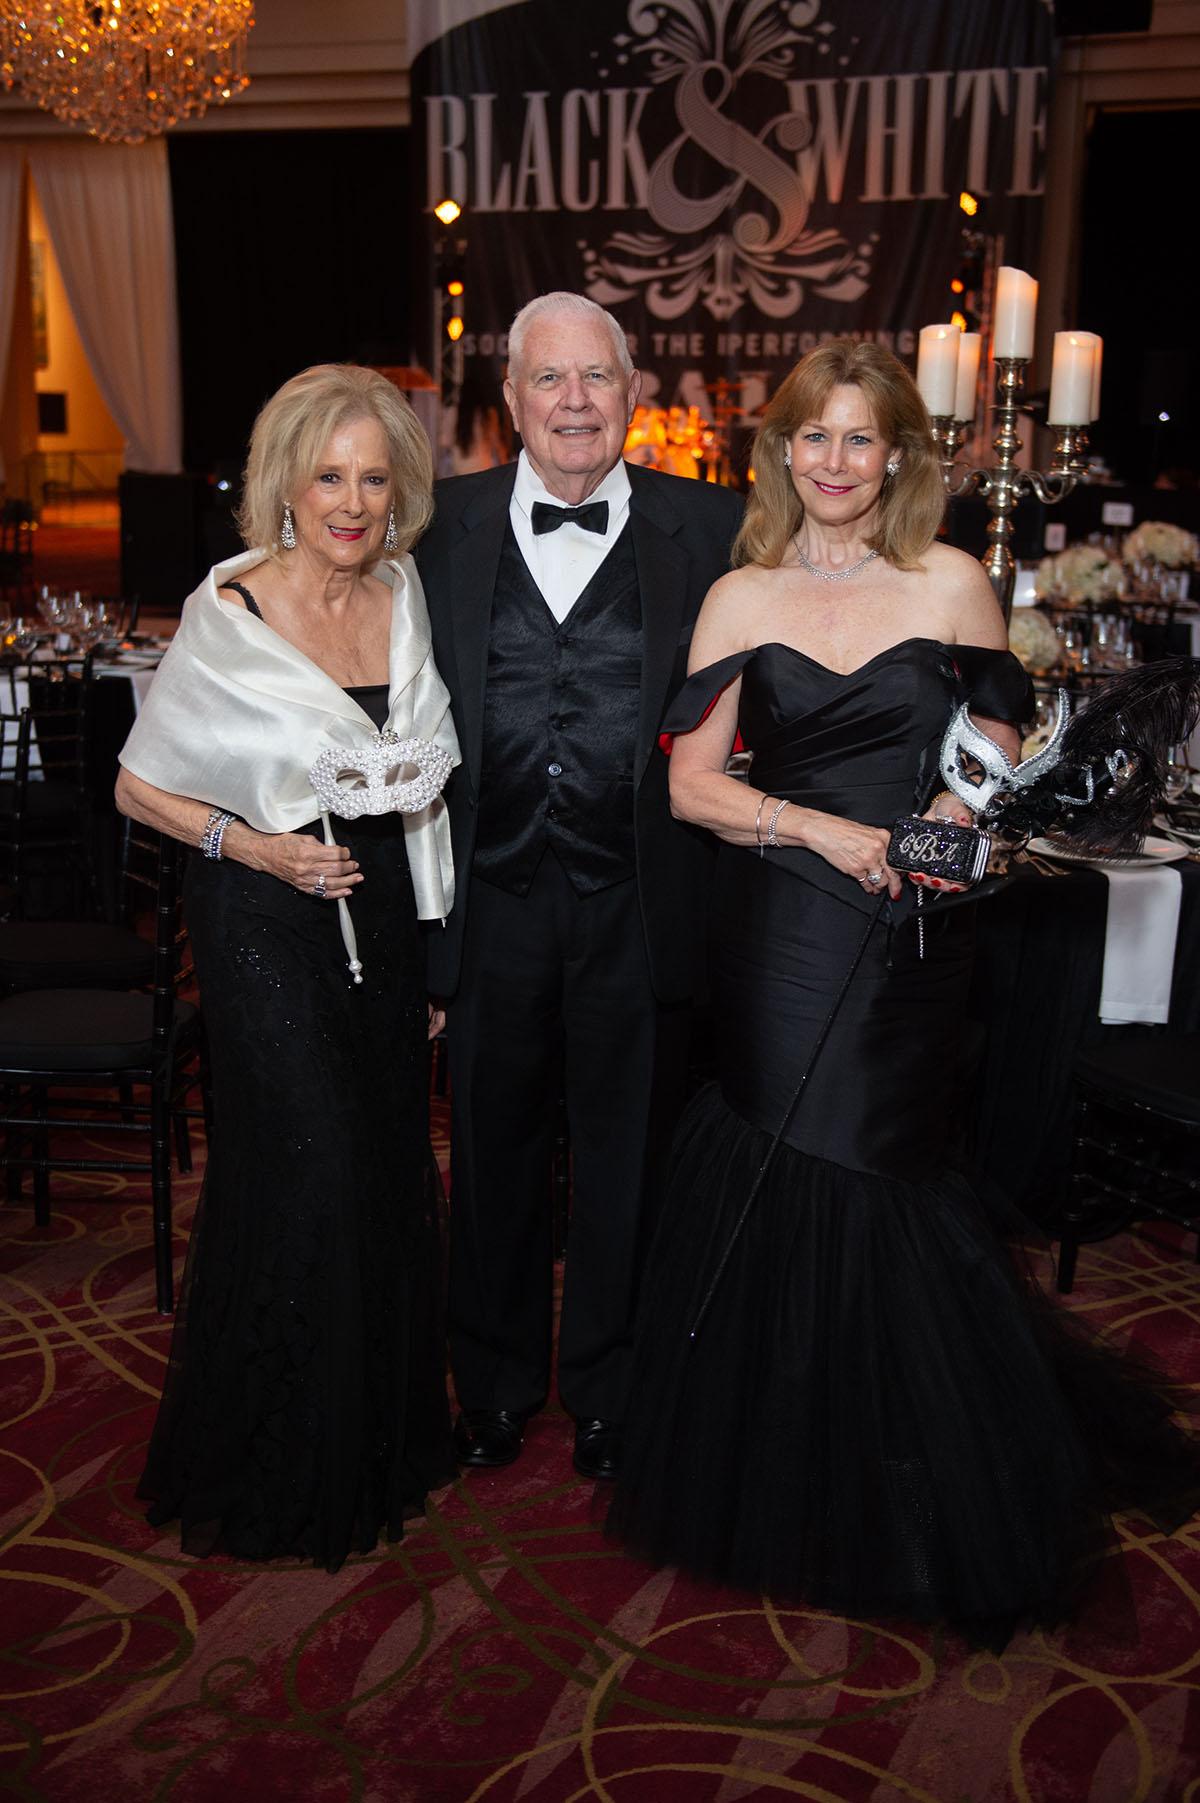 Mary Ann and David McKeithan & Cheryl Byington